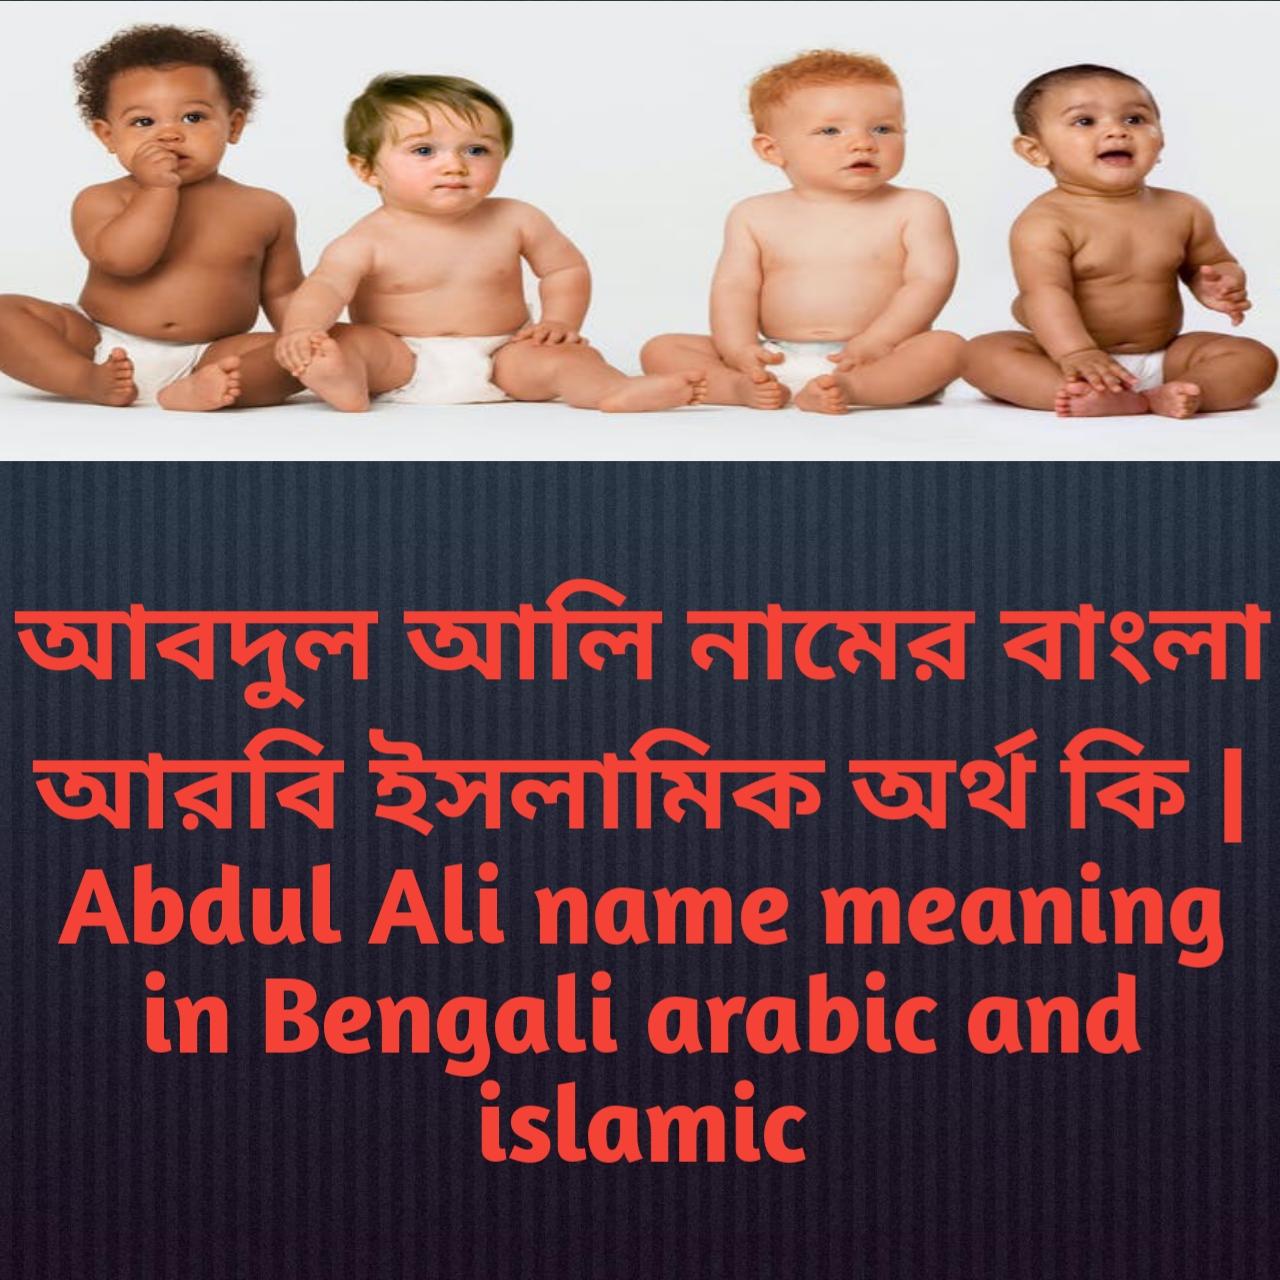 আবদুল আলি নামের অর্থ কি, আবদুল আলি নামের বাংলা অর্থ কি, আবদুল আলি নামের ইসলামিক অর্থ কি, Abdul Ali name meaning in Bengali, আবদুল আলি কি ইসলামিক নাম,